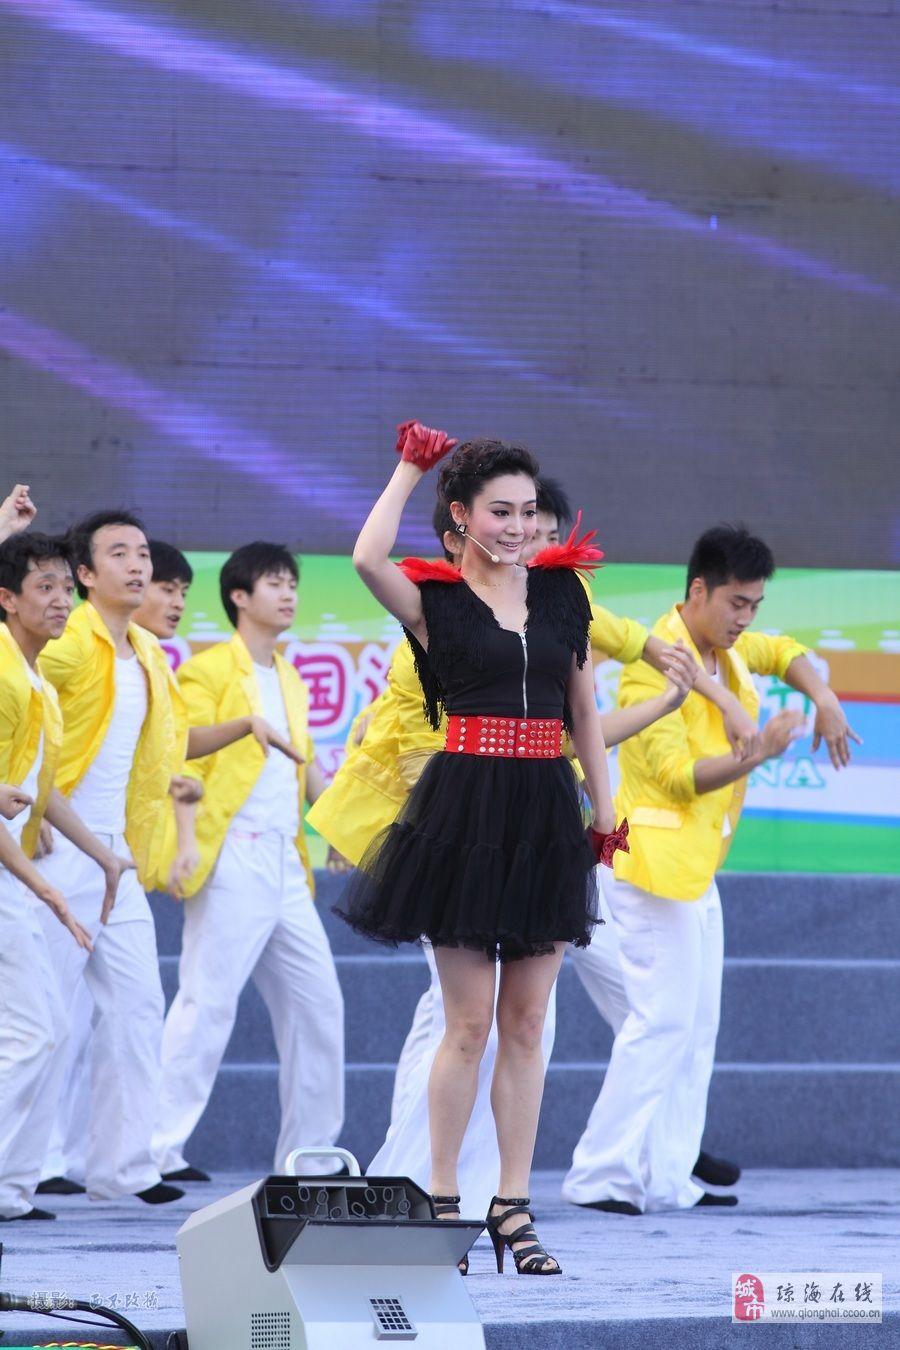 2012年第十三届中国海南岛欢乐节于12月29日下午在